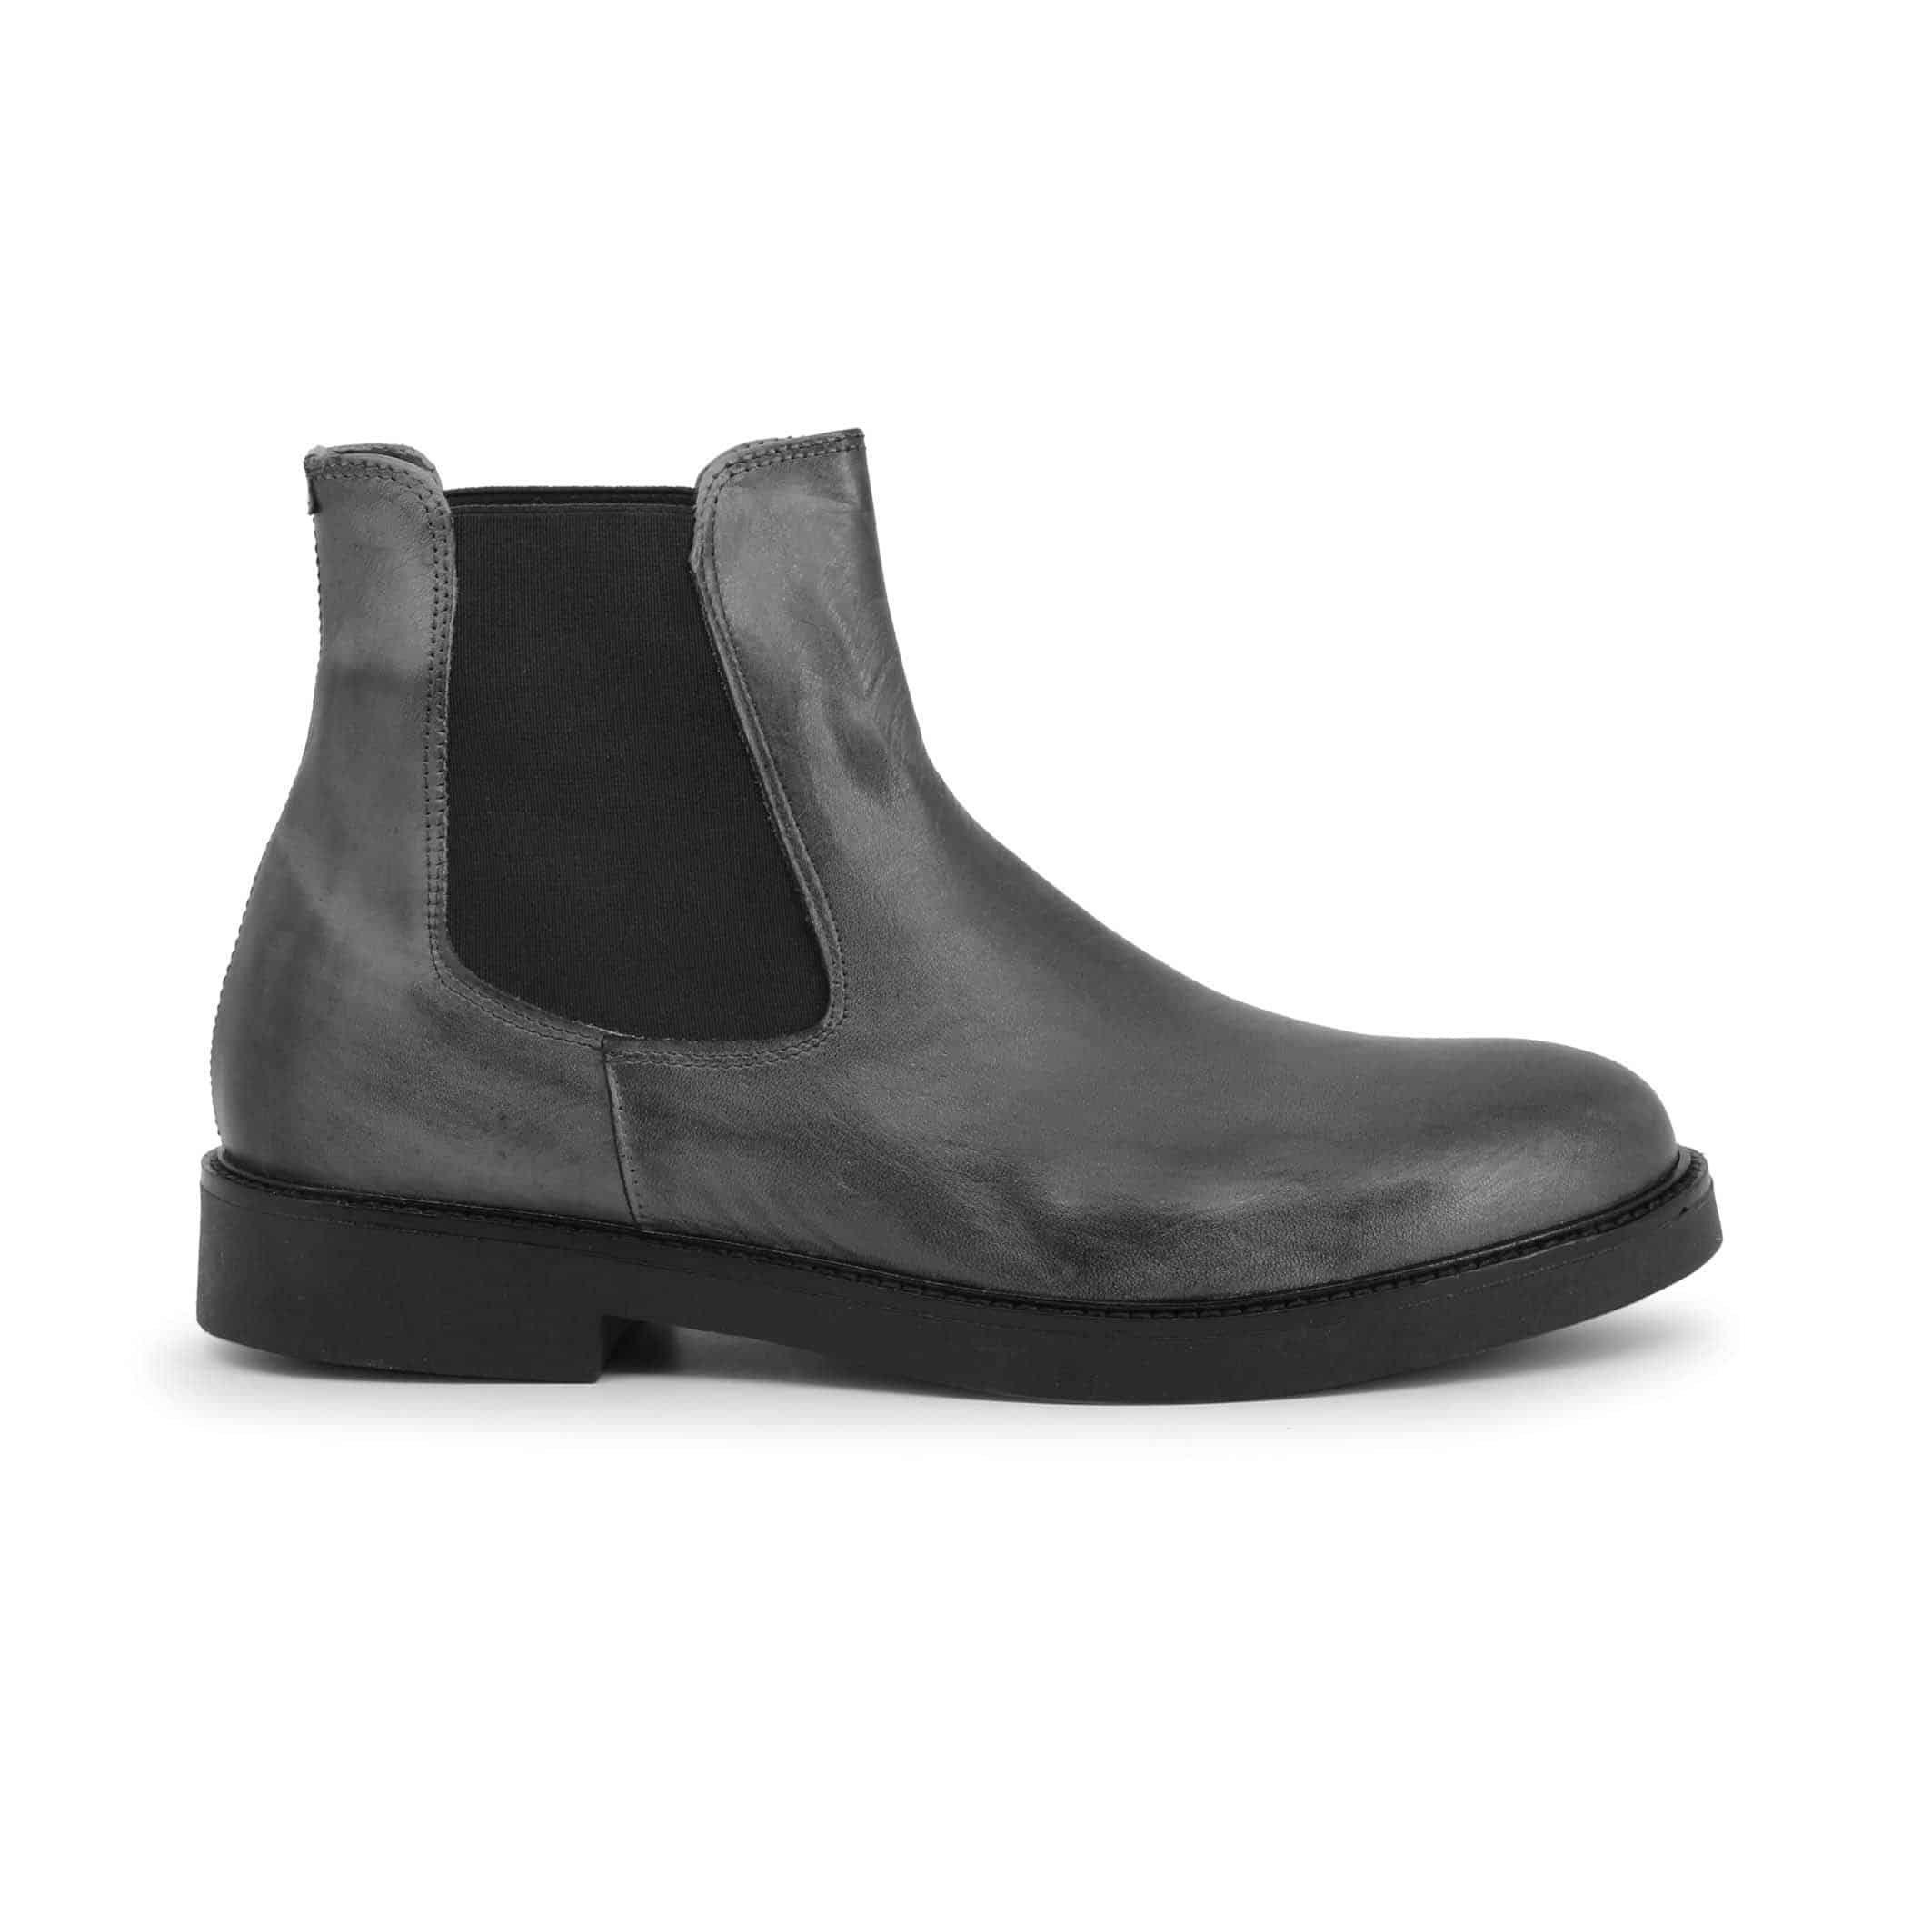 Schuhe Guido Bassi – 7081_CRUST – Grau